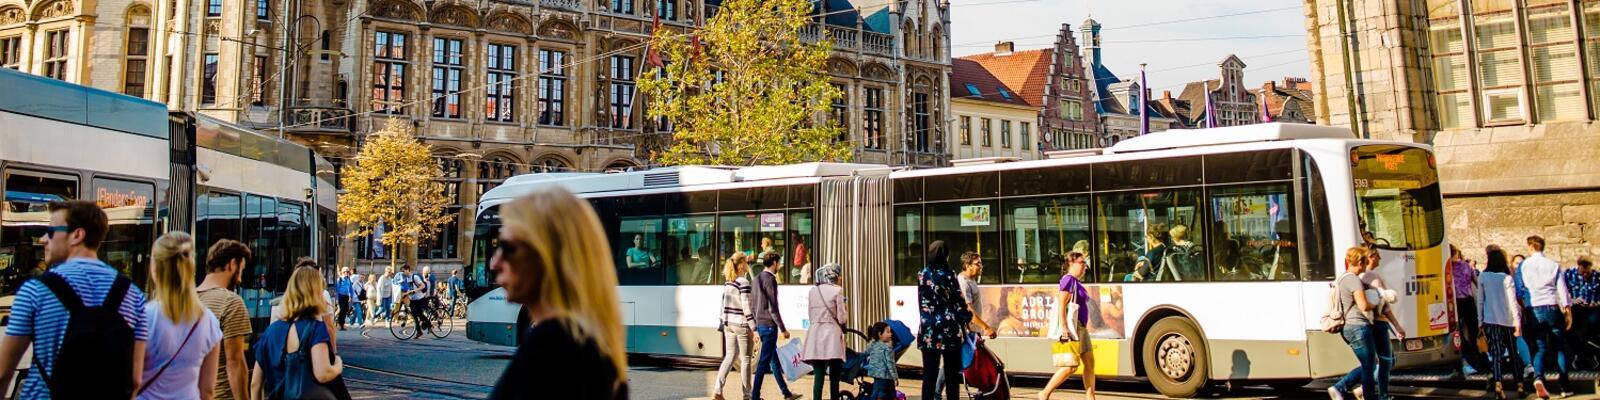 Gratis openbaar vervoer De Lijn